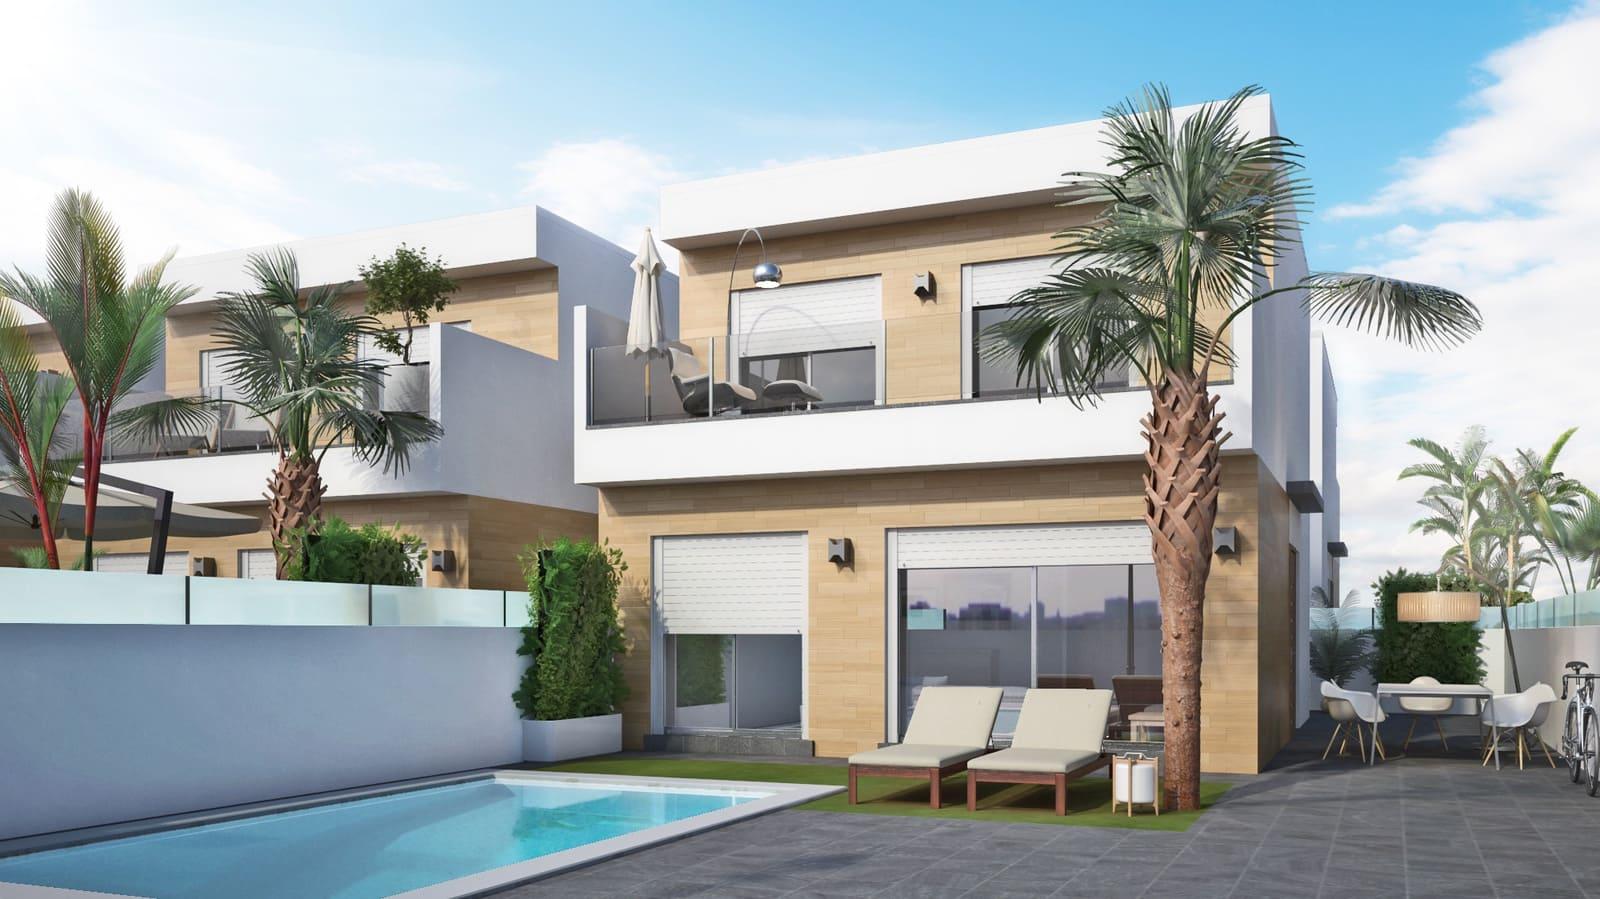 Chalet de 3 habitaciones en Pilar de la Horadada en venta con piscina - 289.000 € (Ref: 5081944)